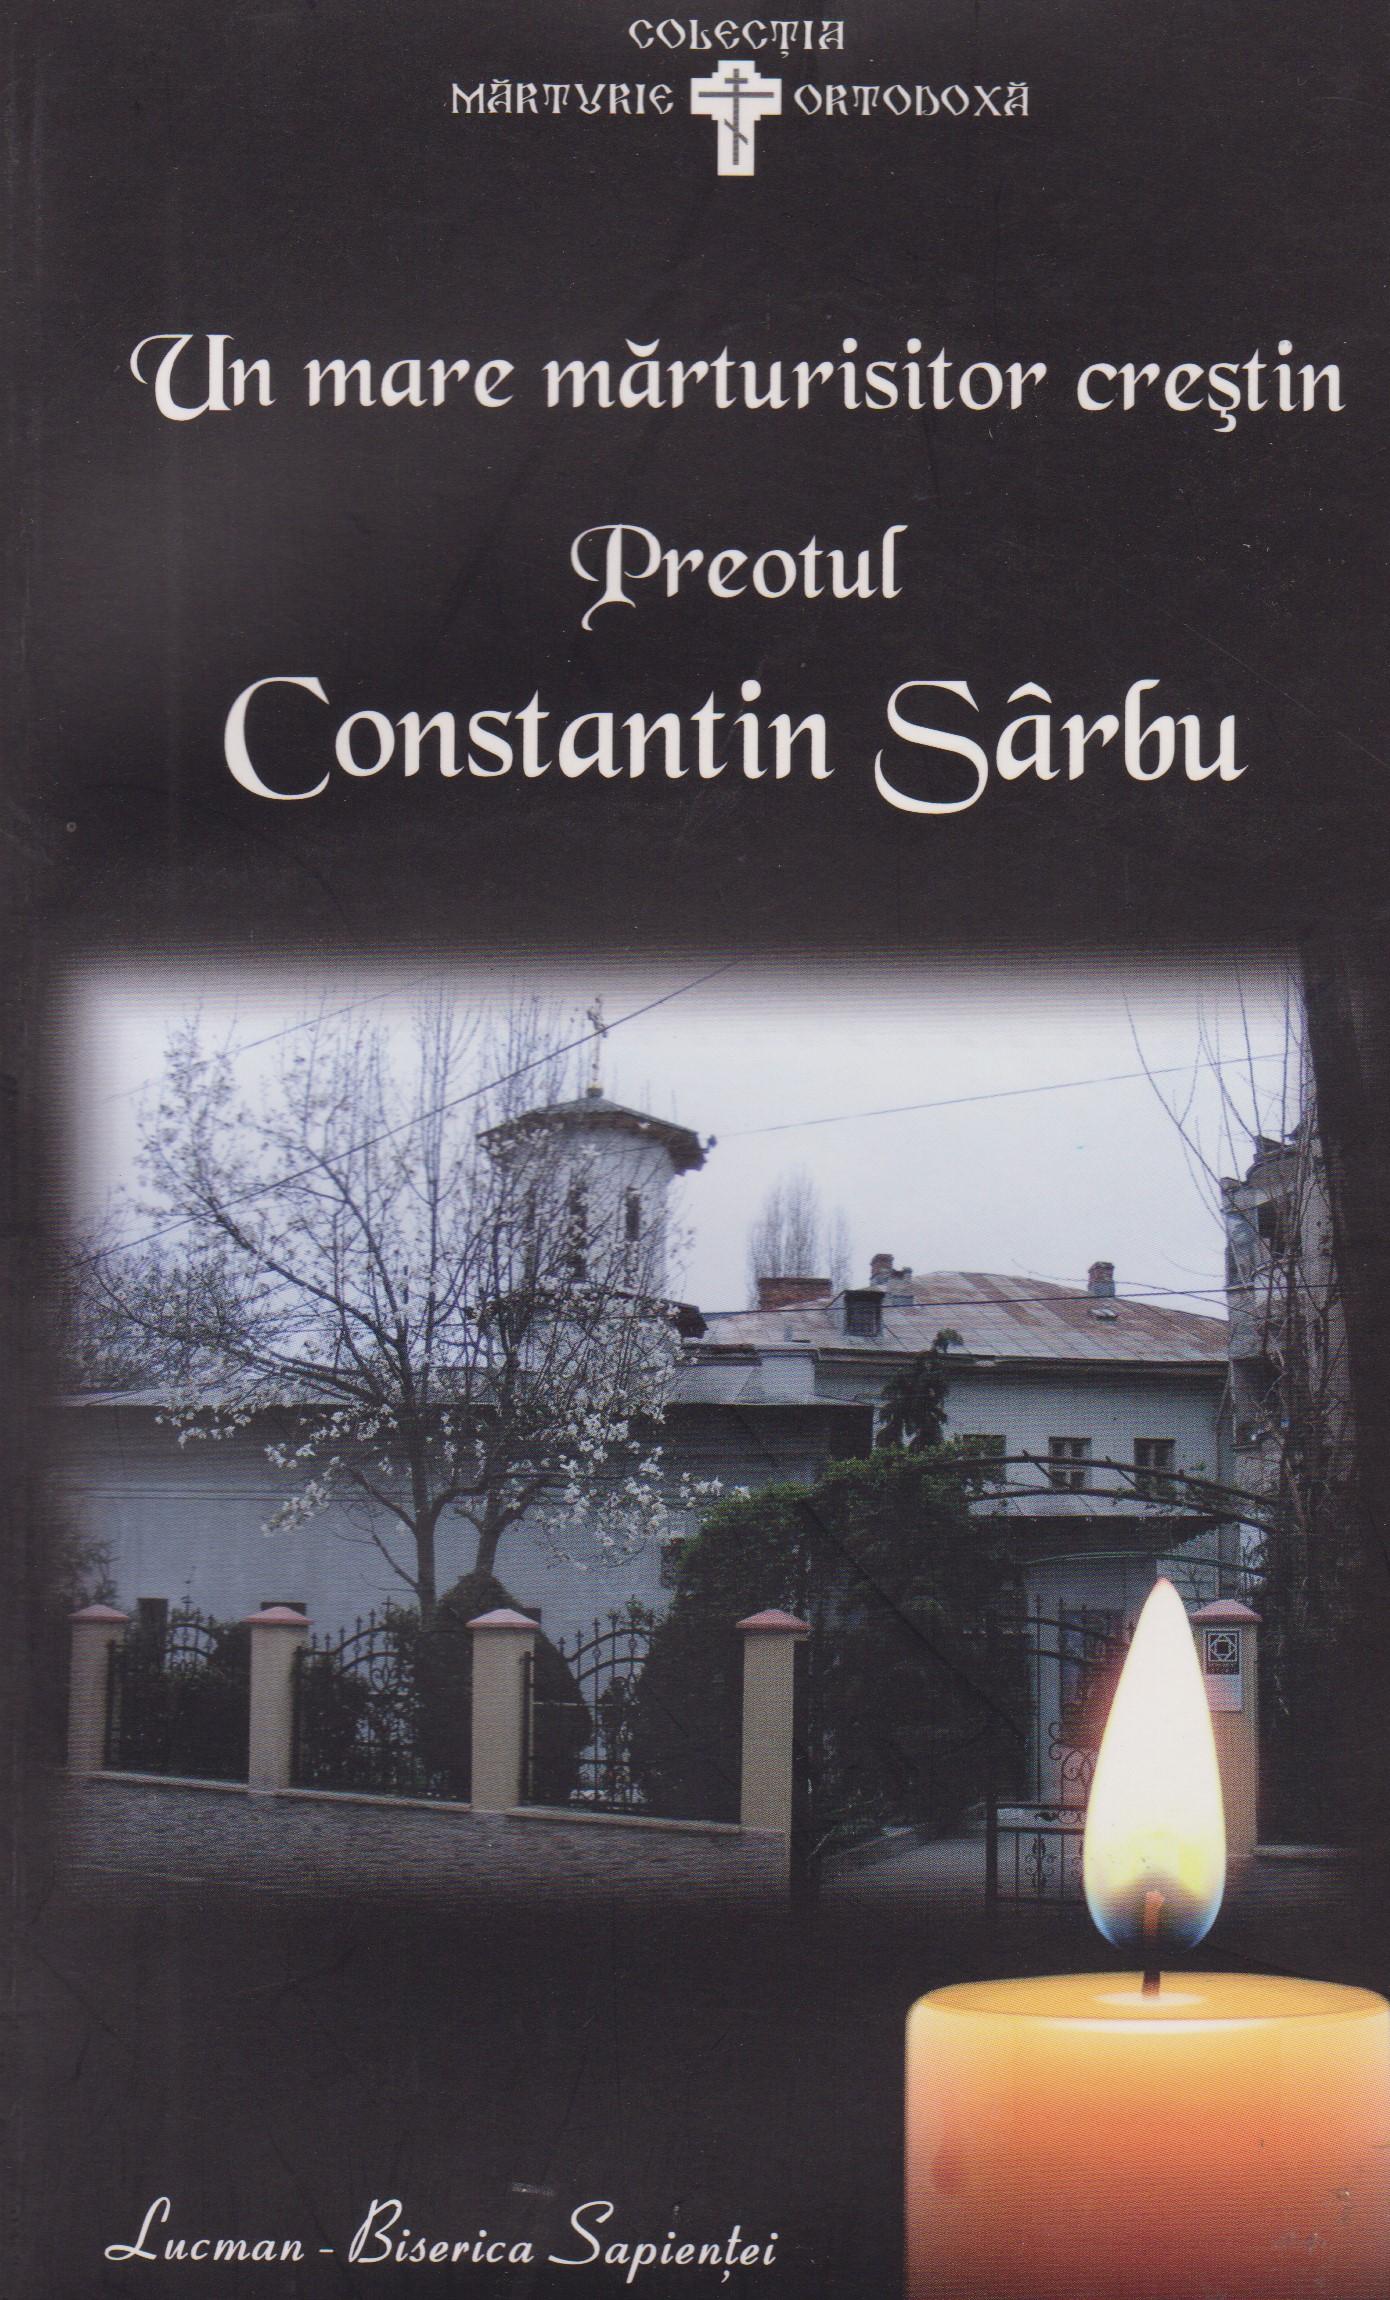 Un mare marturisitor crestin: Preotul Constantin Sarbu